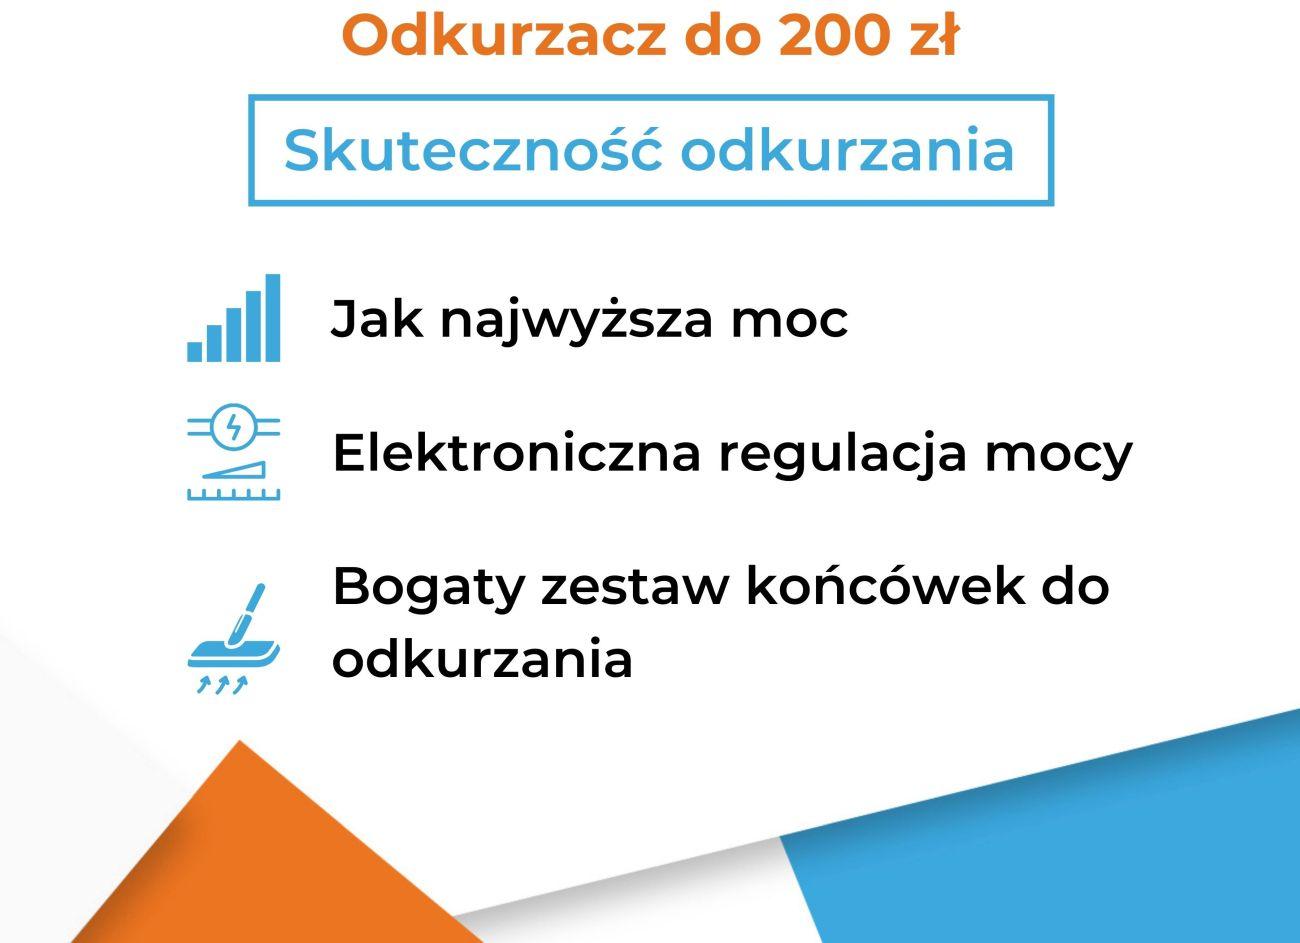 Odkurzacz do 200 zł a cechy skuteczności odkurzania - cechy - Infografika